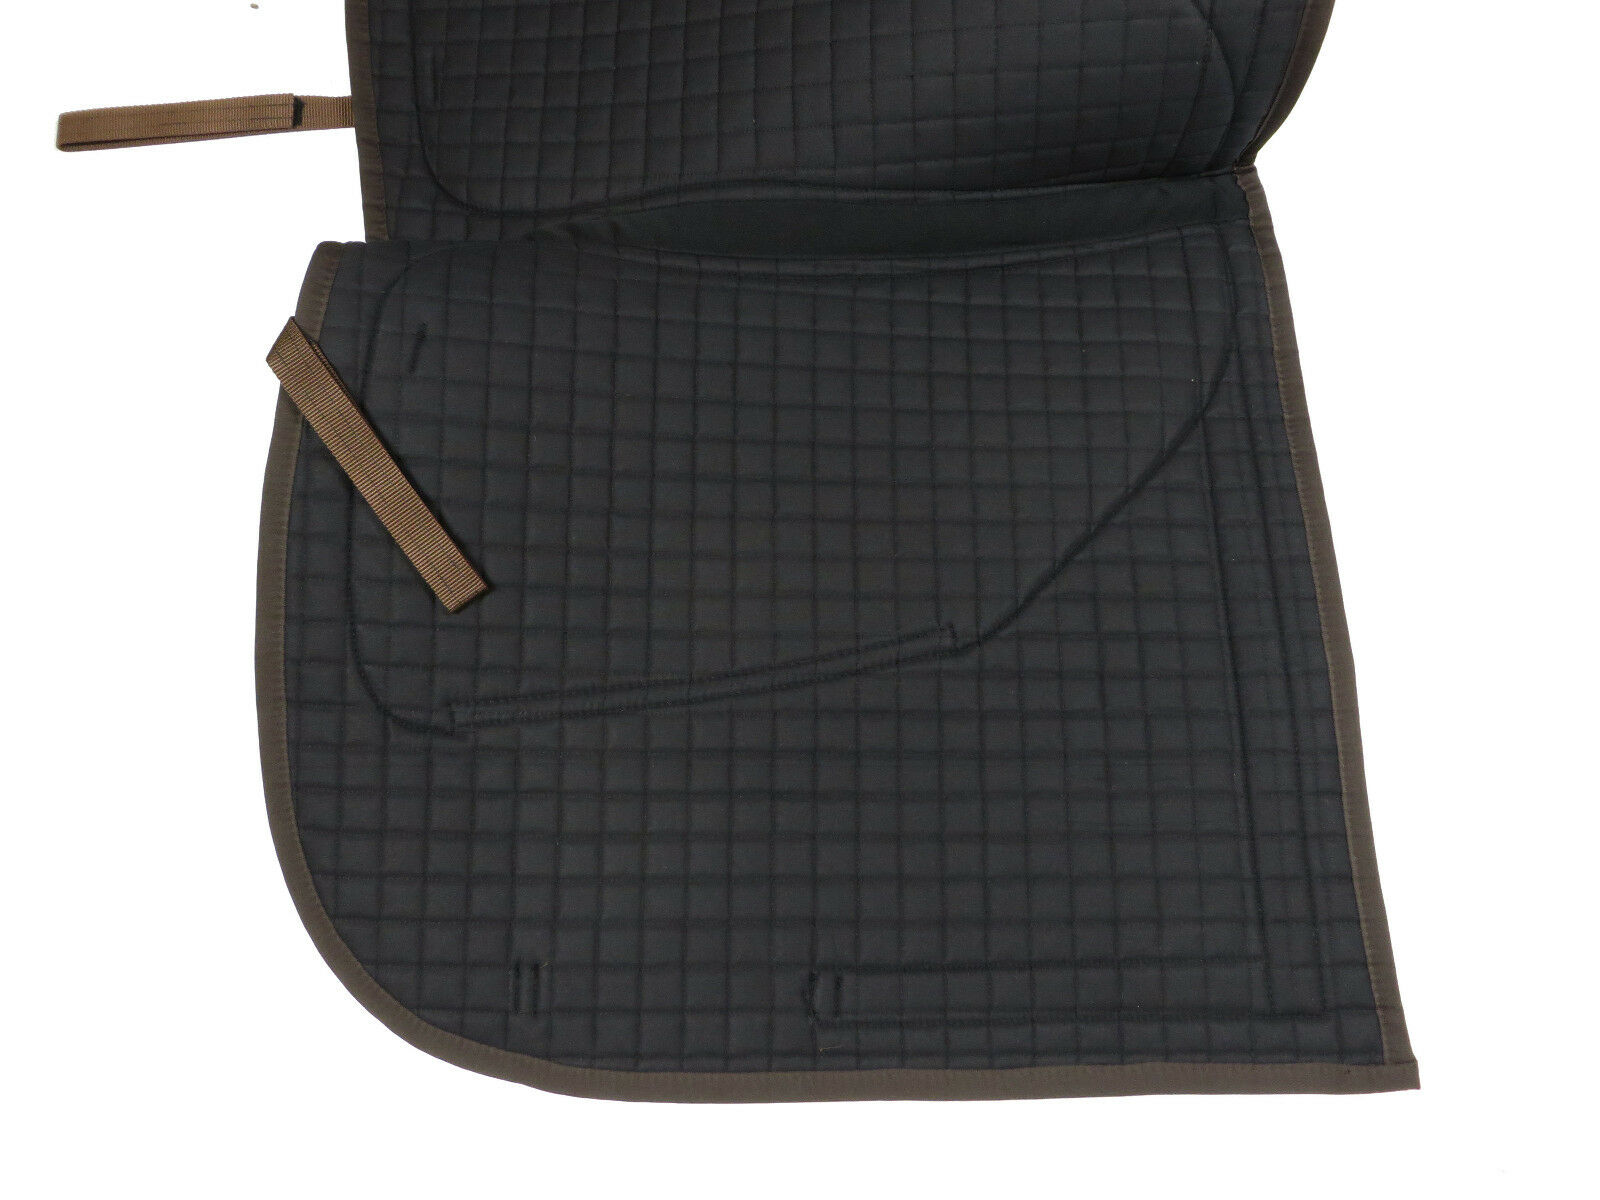 Barock Schabracke Walnuß polsterbaren Taschen Taschen Taschen Lammfell möglich Deuber&Partner 873f4b